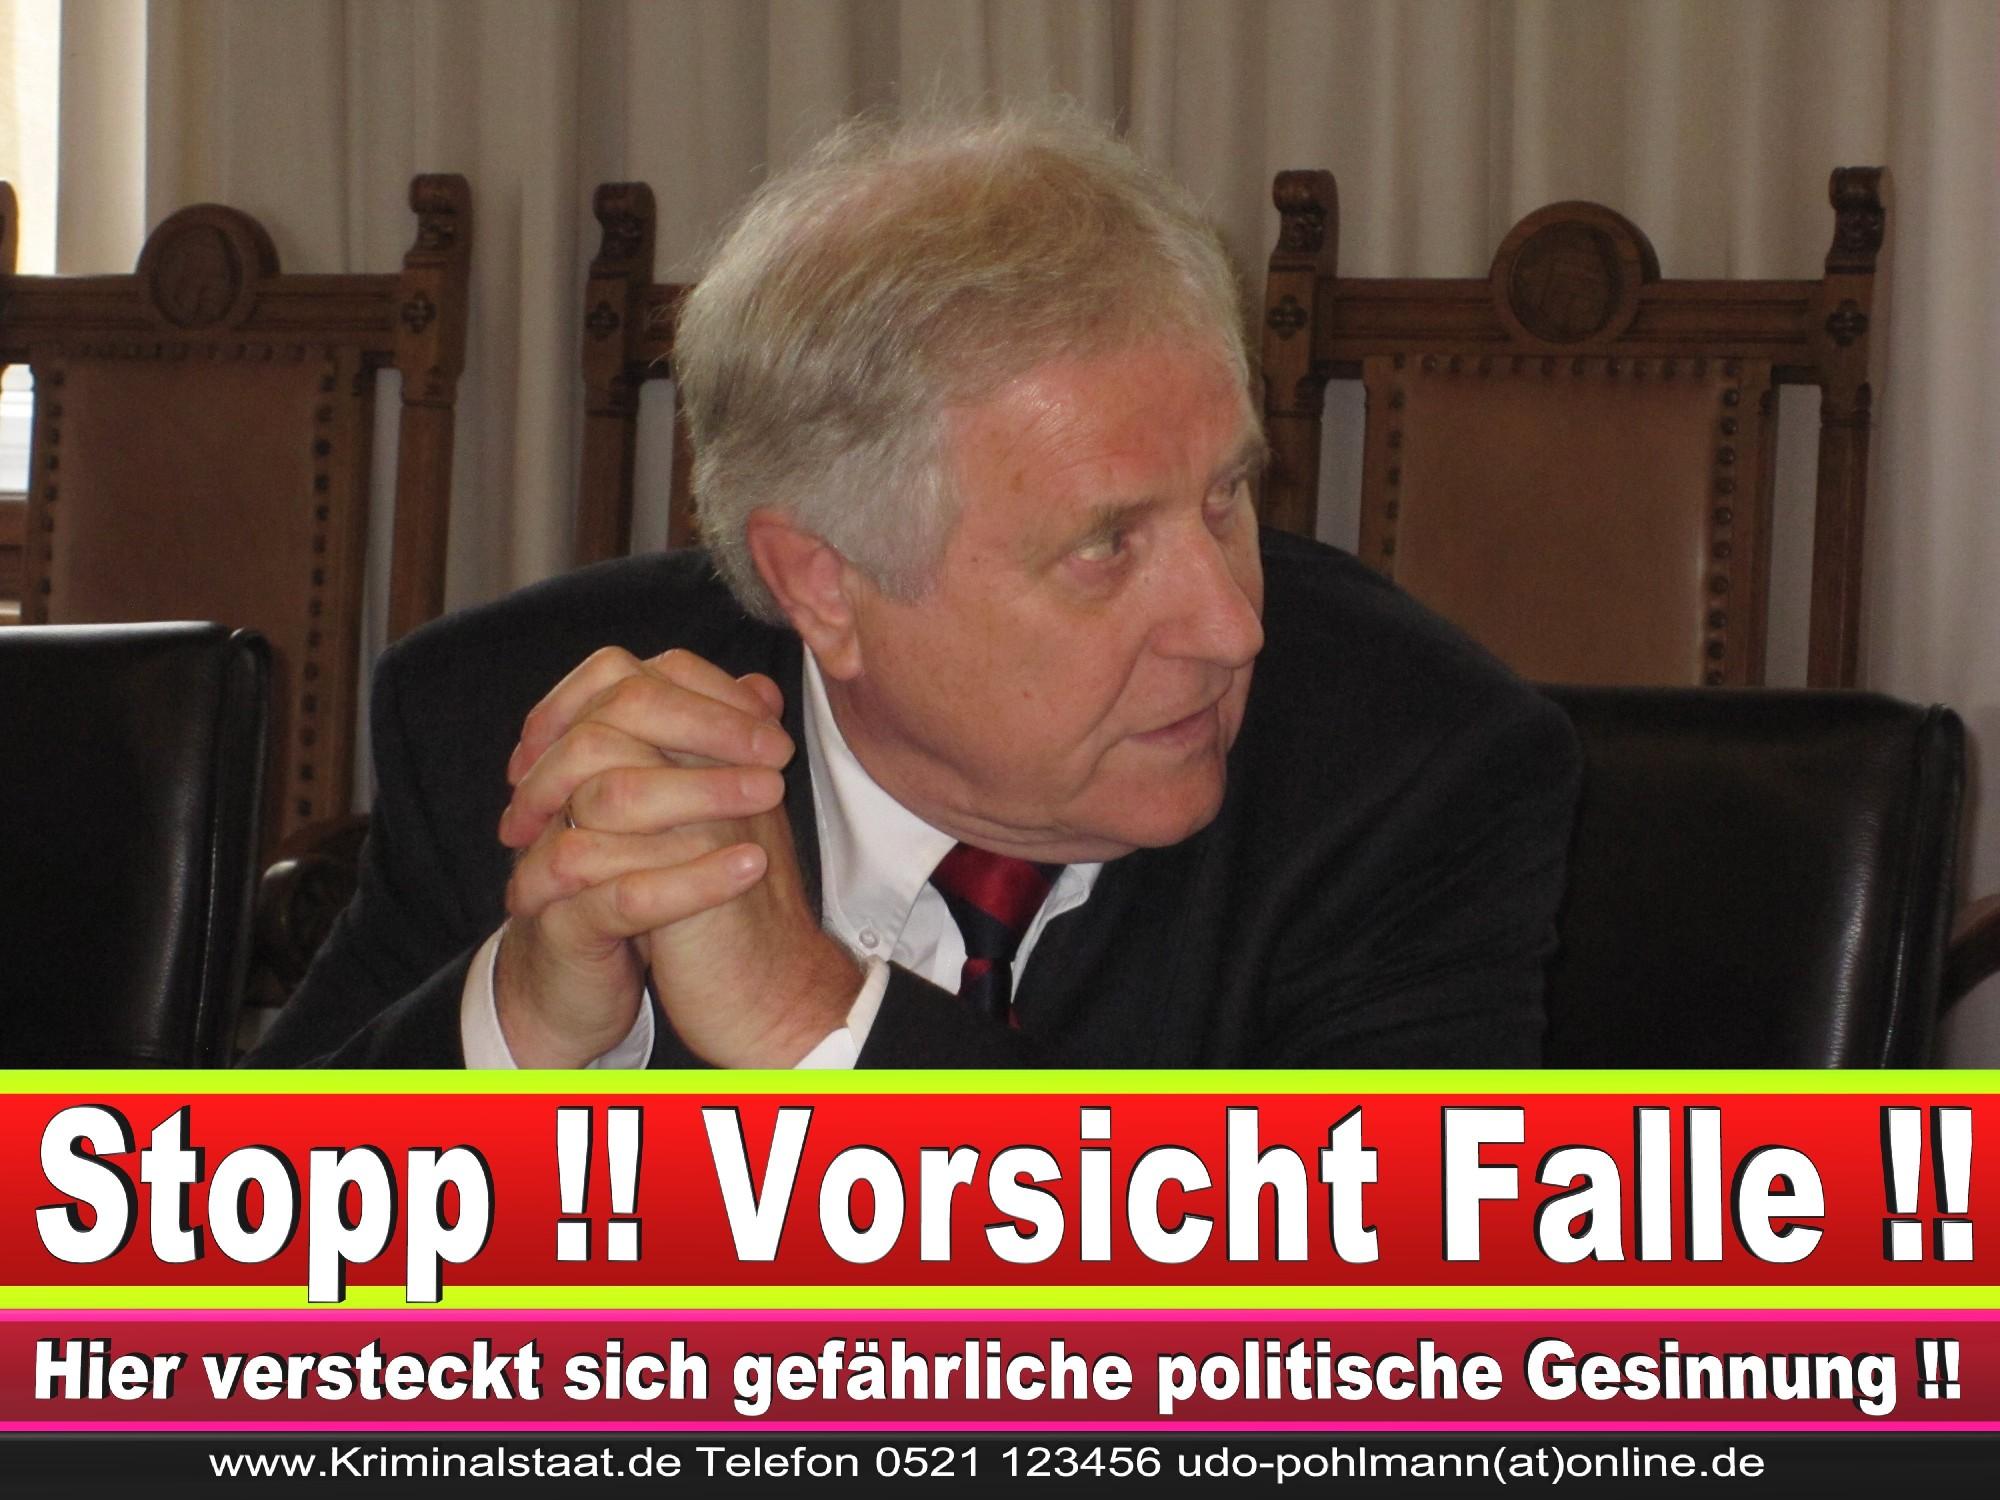 Polizeipräsident Erwin Südfeld Bielefeld Oberbürgermeister Bürgermeister Peter Clausen Pit Clausen Bielefeld (26)